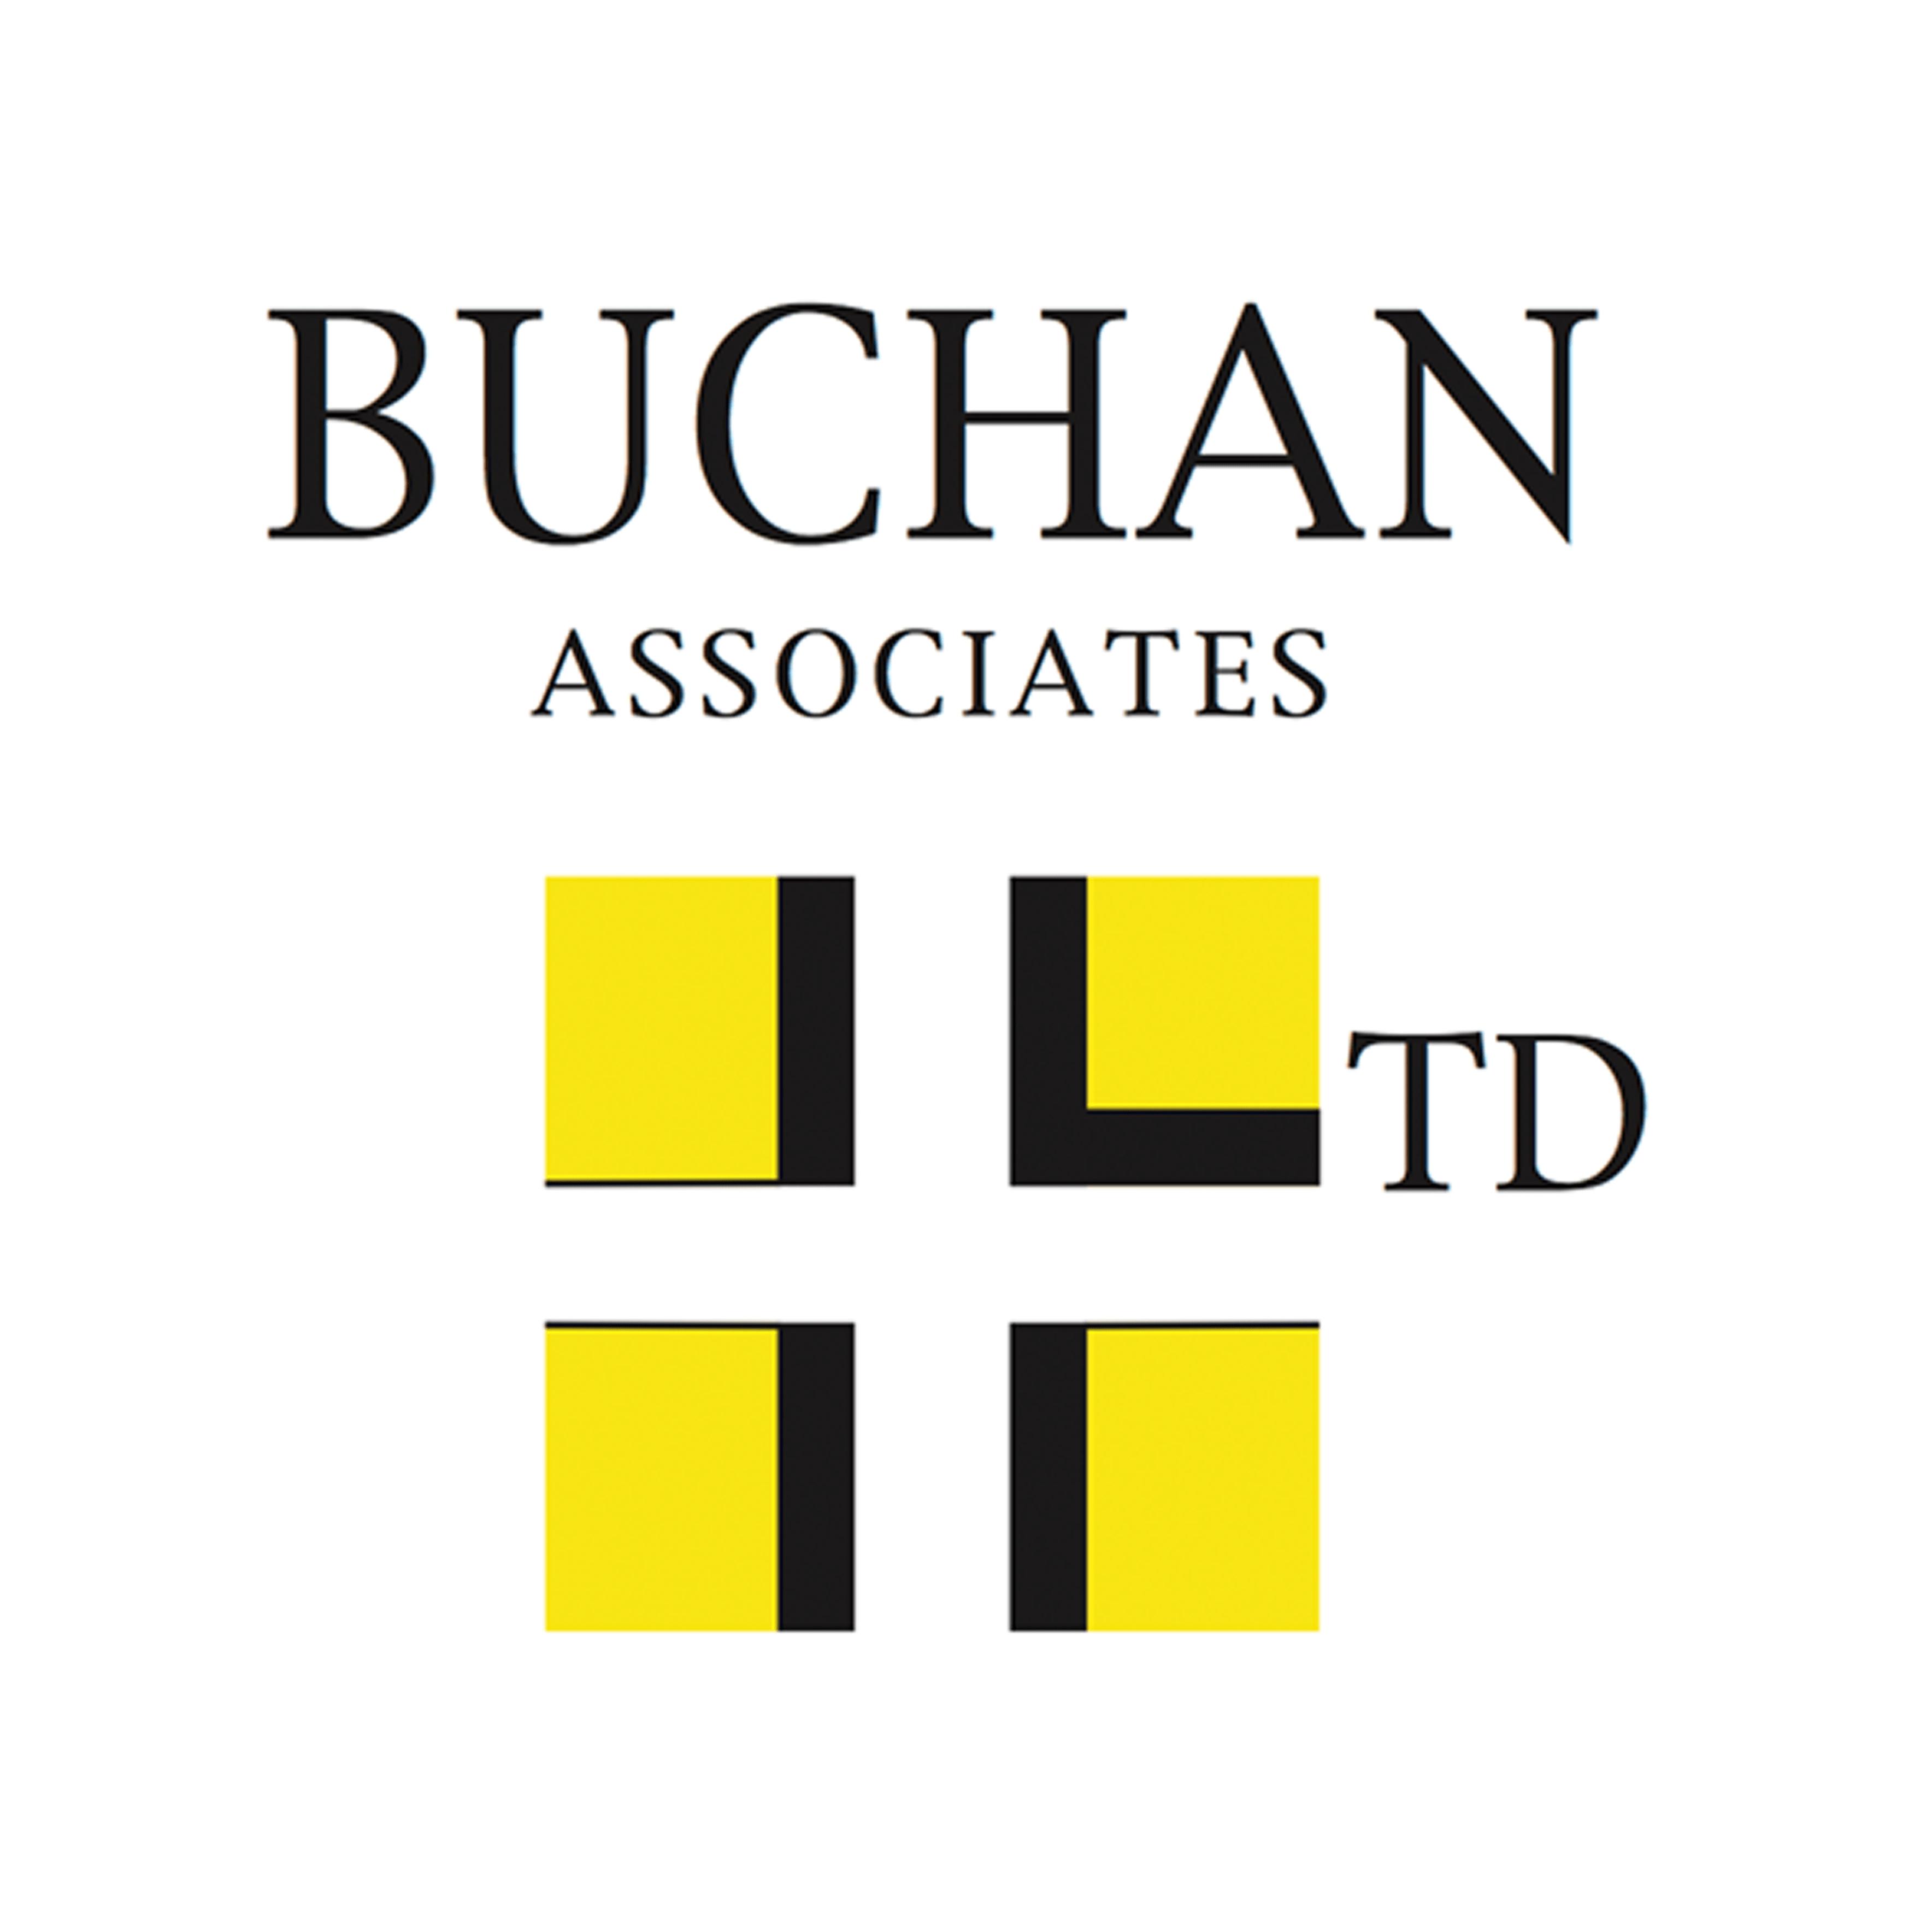 Buchan Associates